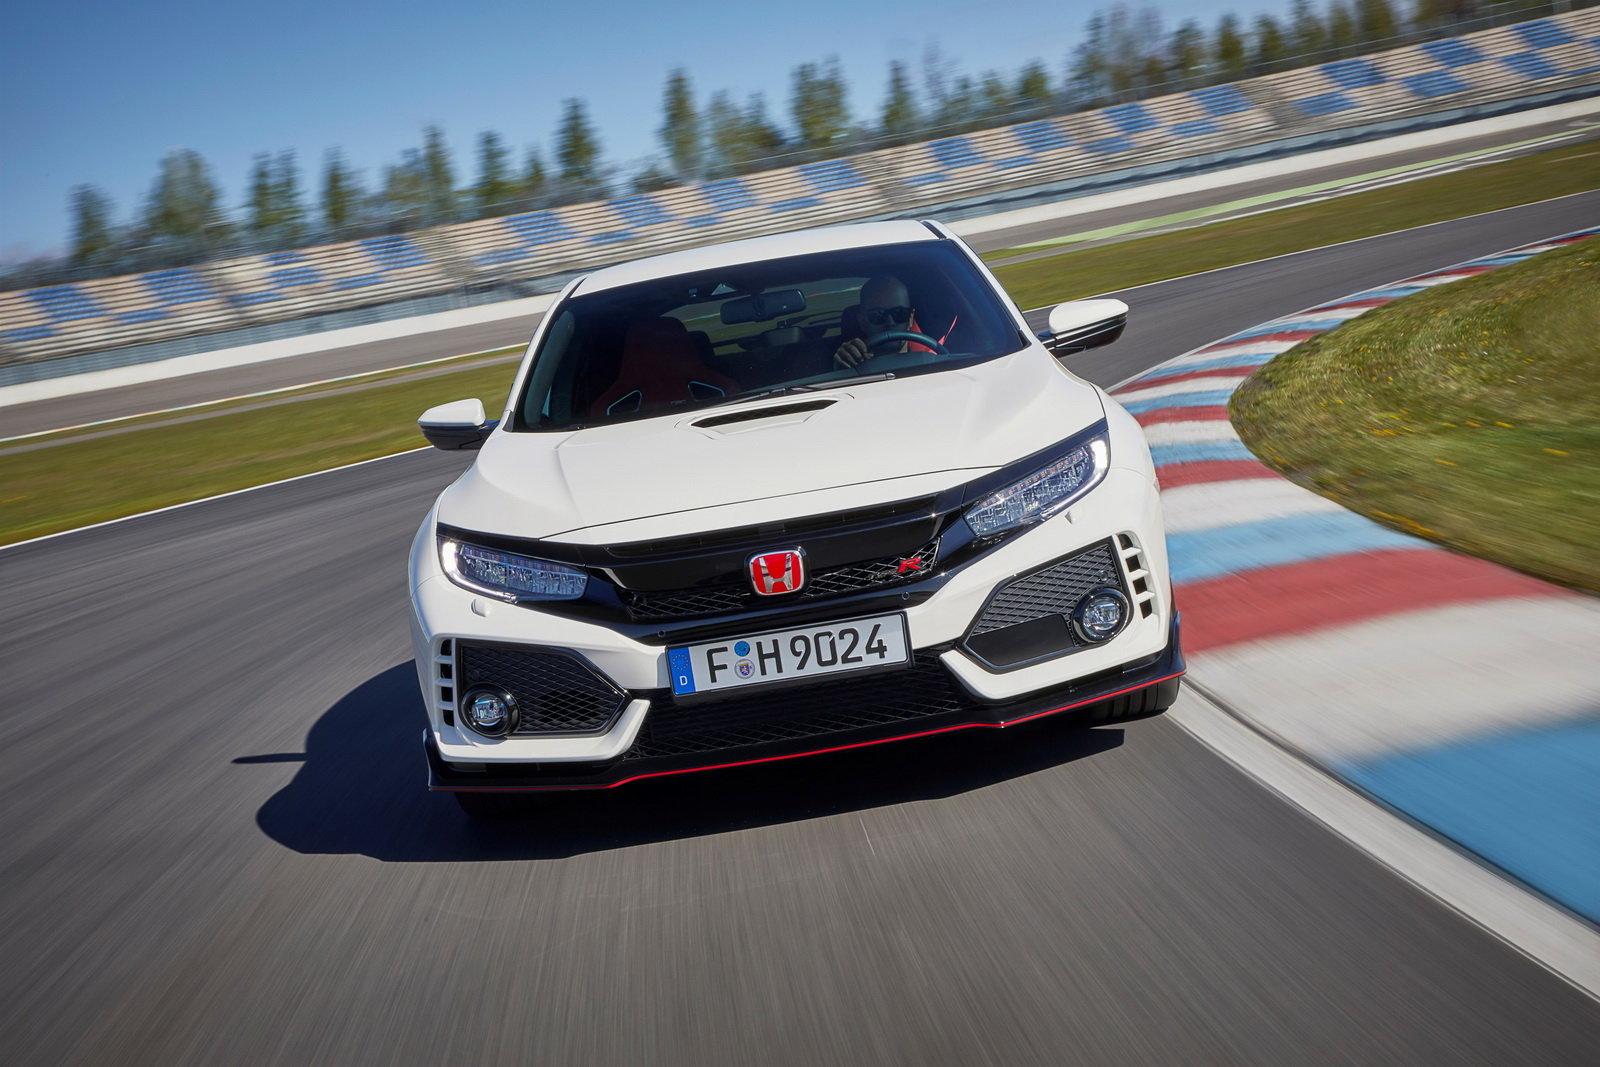 Fotografie č. 1 u článku Honda Civic Type R sbírá další vavříny ad84b4bd0b